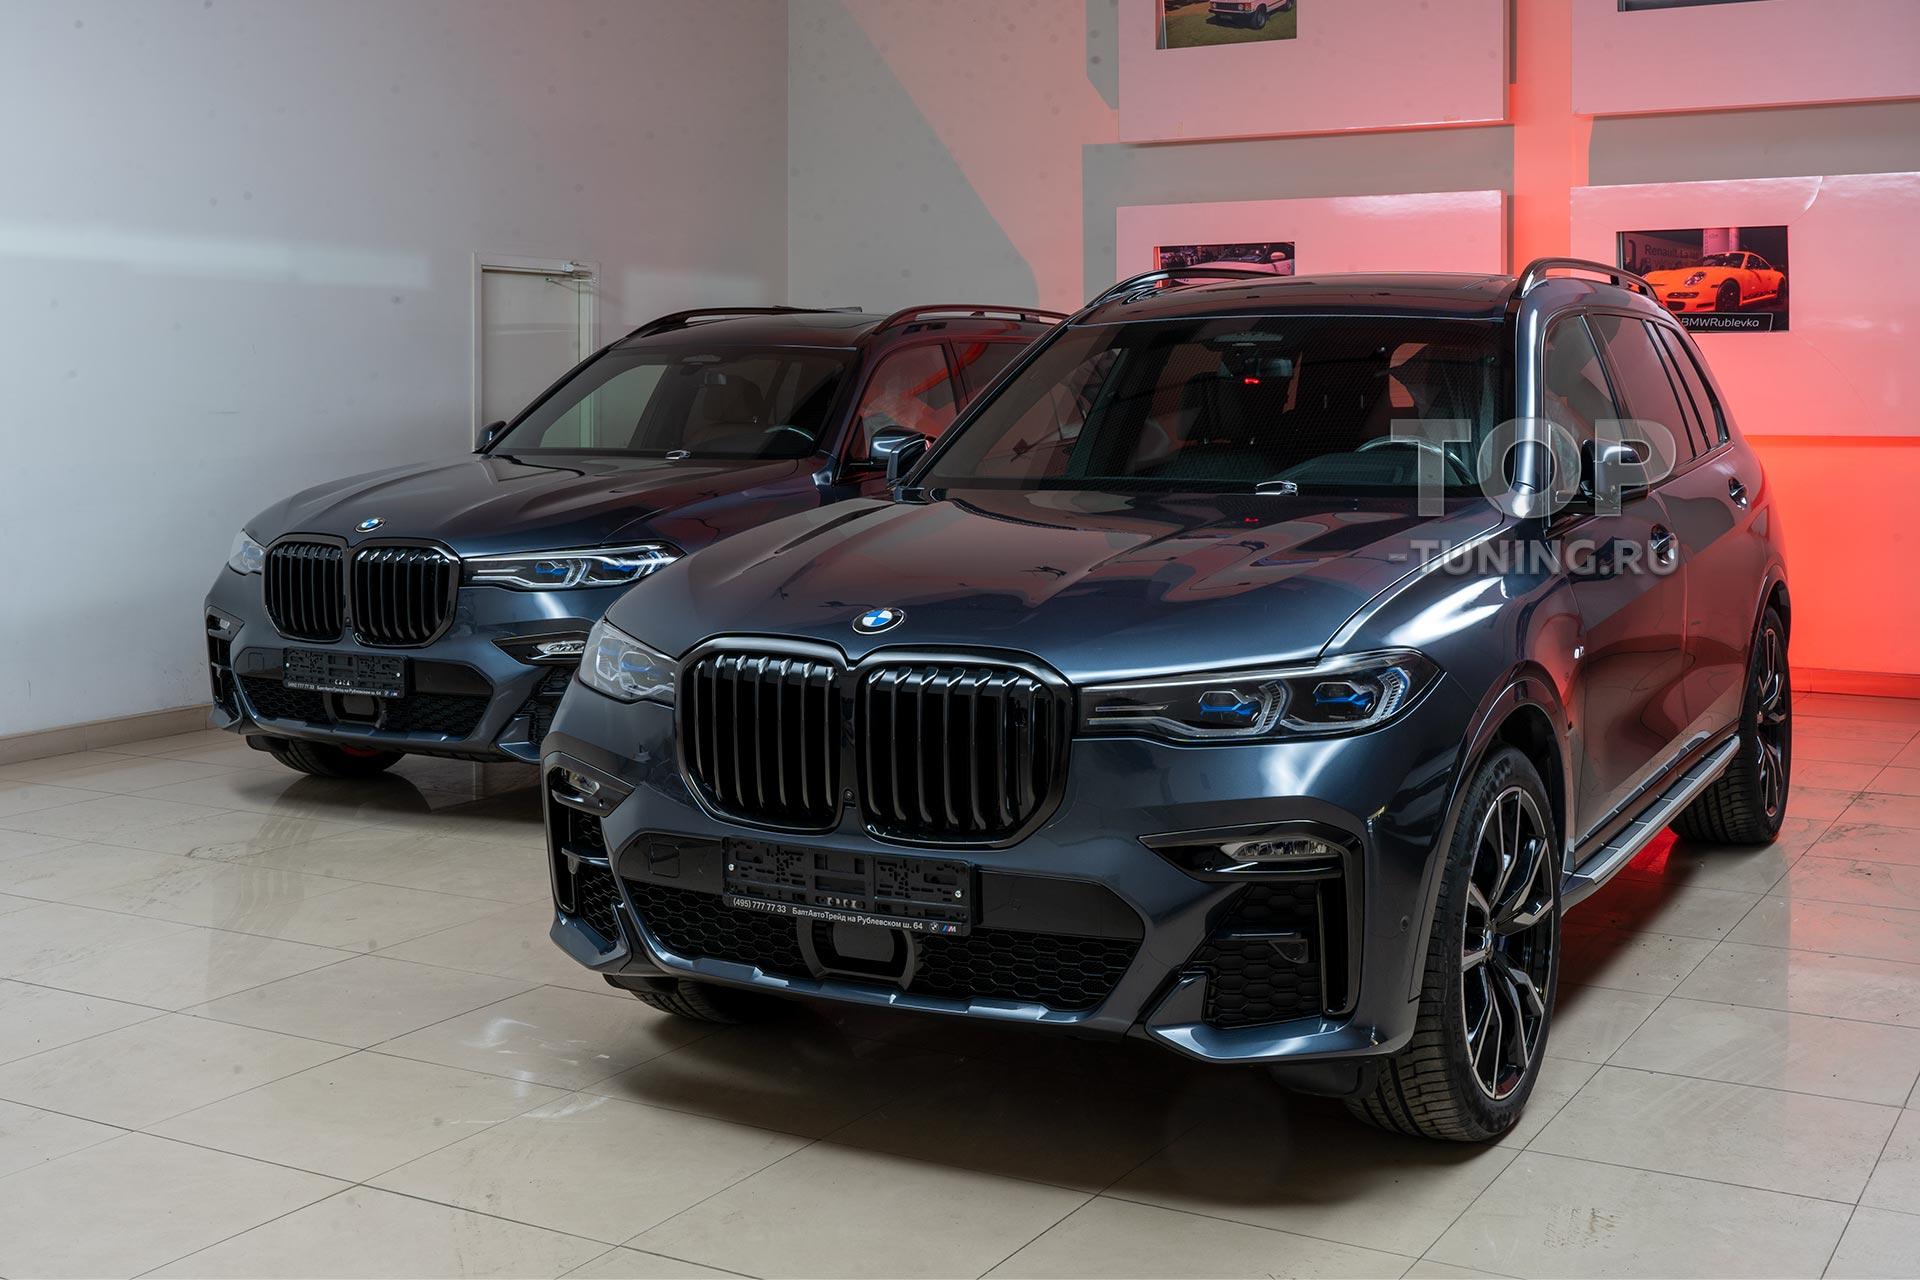 Оклейка пленкой, бронирование боковых стекол и Shadow Line для BMW X7